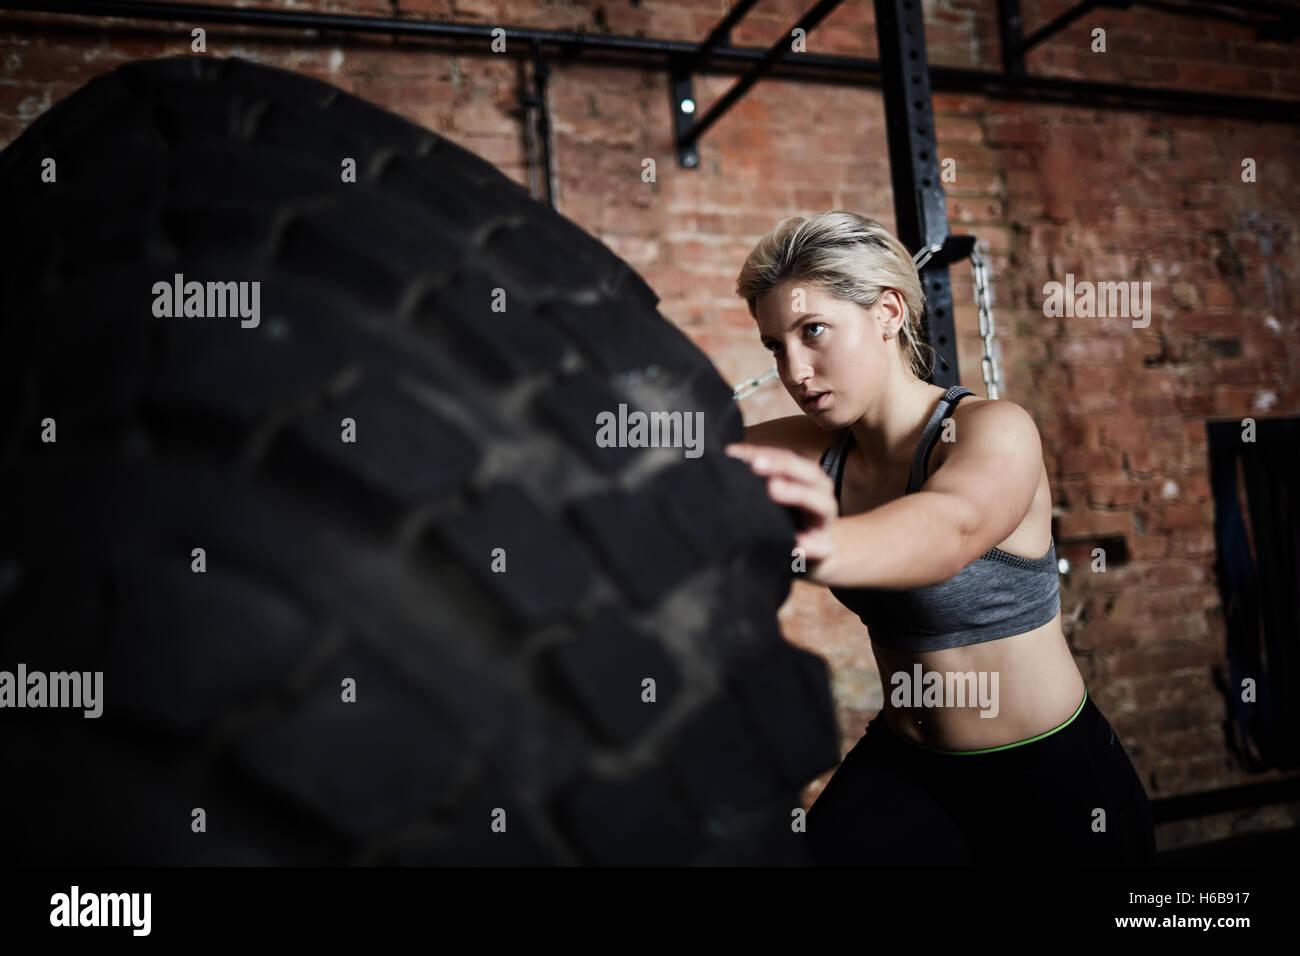 Exercício com pneus Imagens de Stock